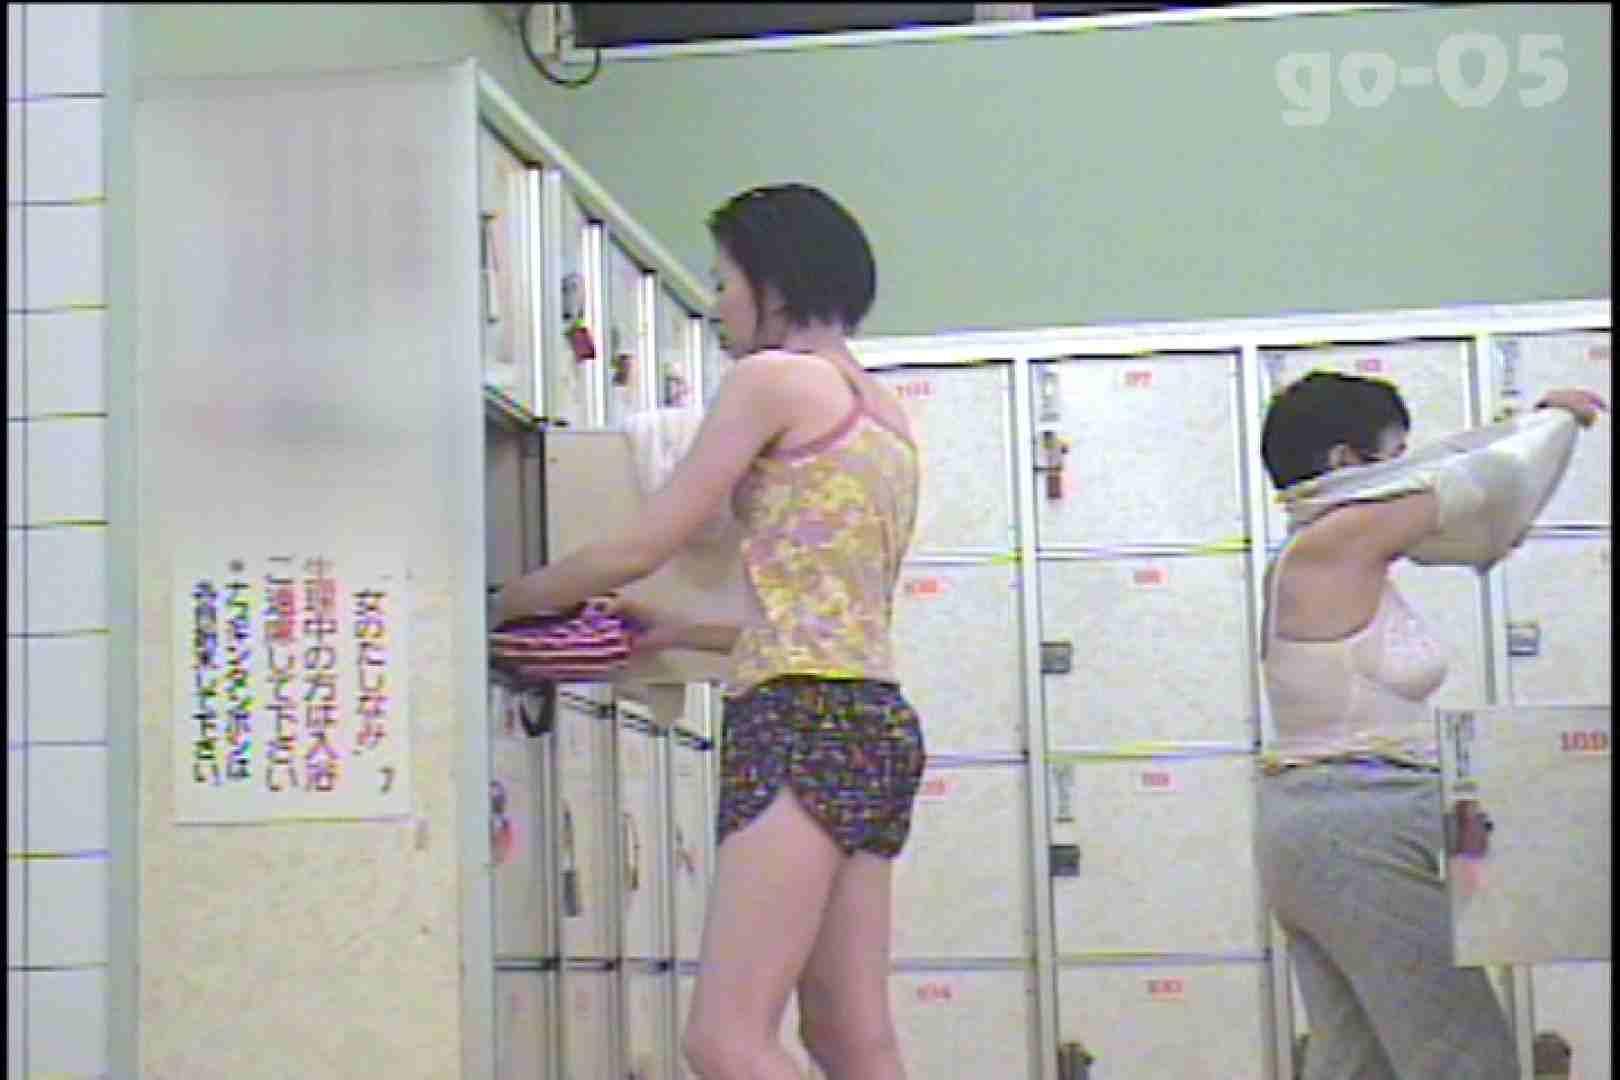 厳選 潜入女風呂 No.5 女風呂 ヌード画像 82PIX 44